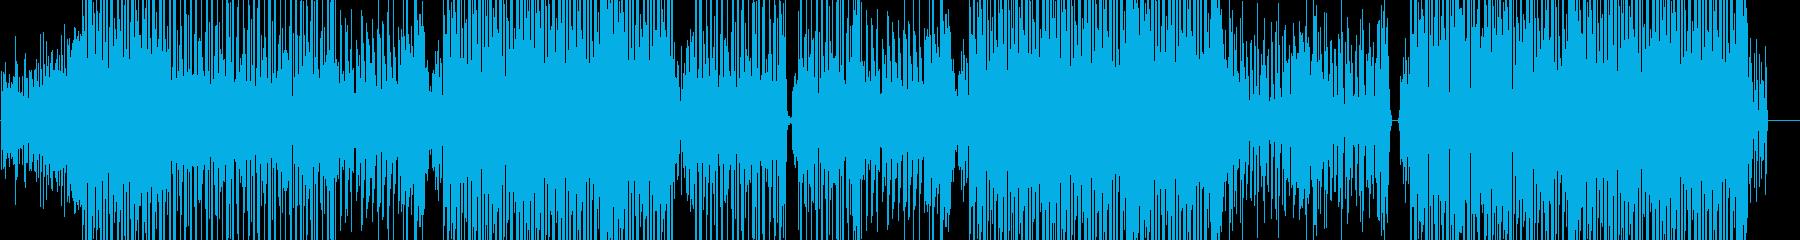 ハッピーなラテンダンストラック♬の再生済みの波形